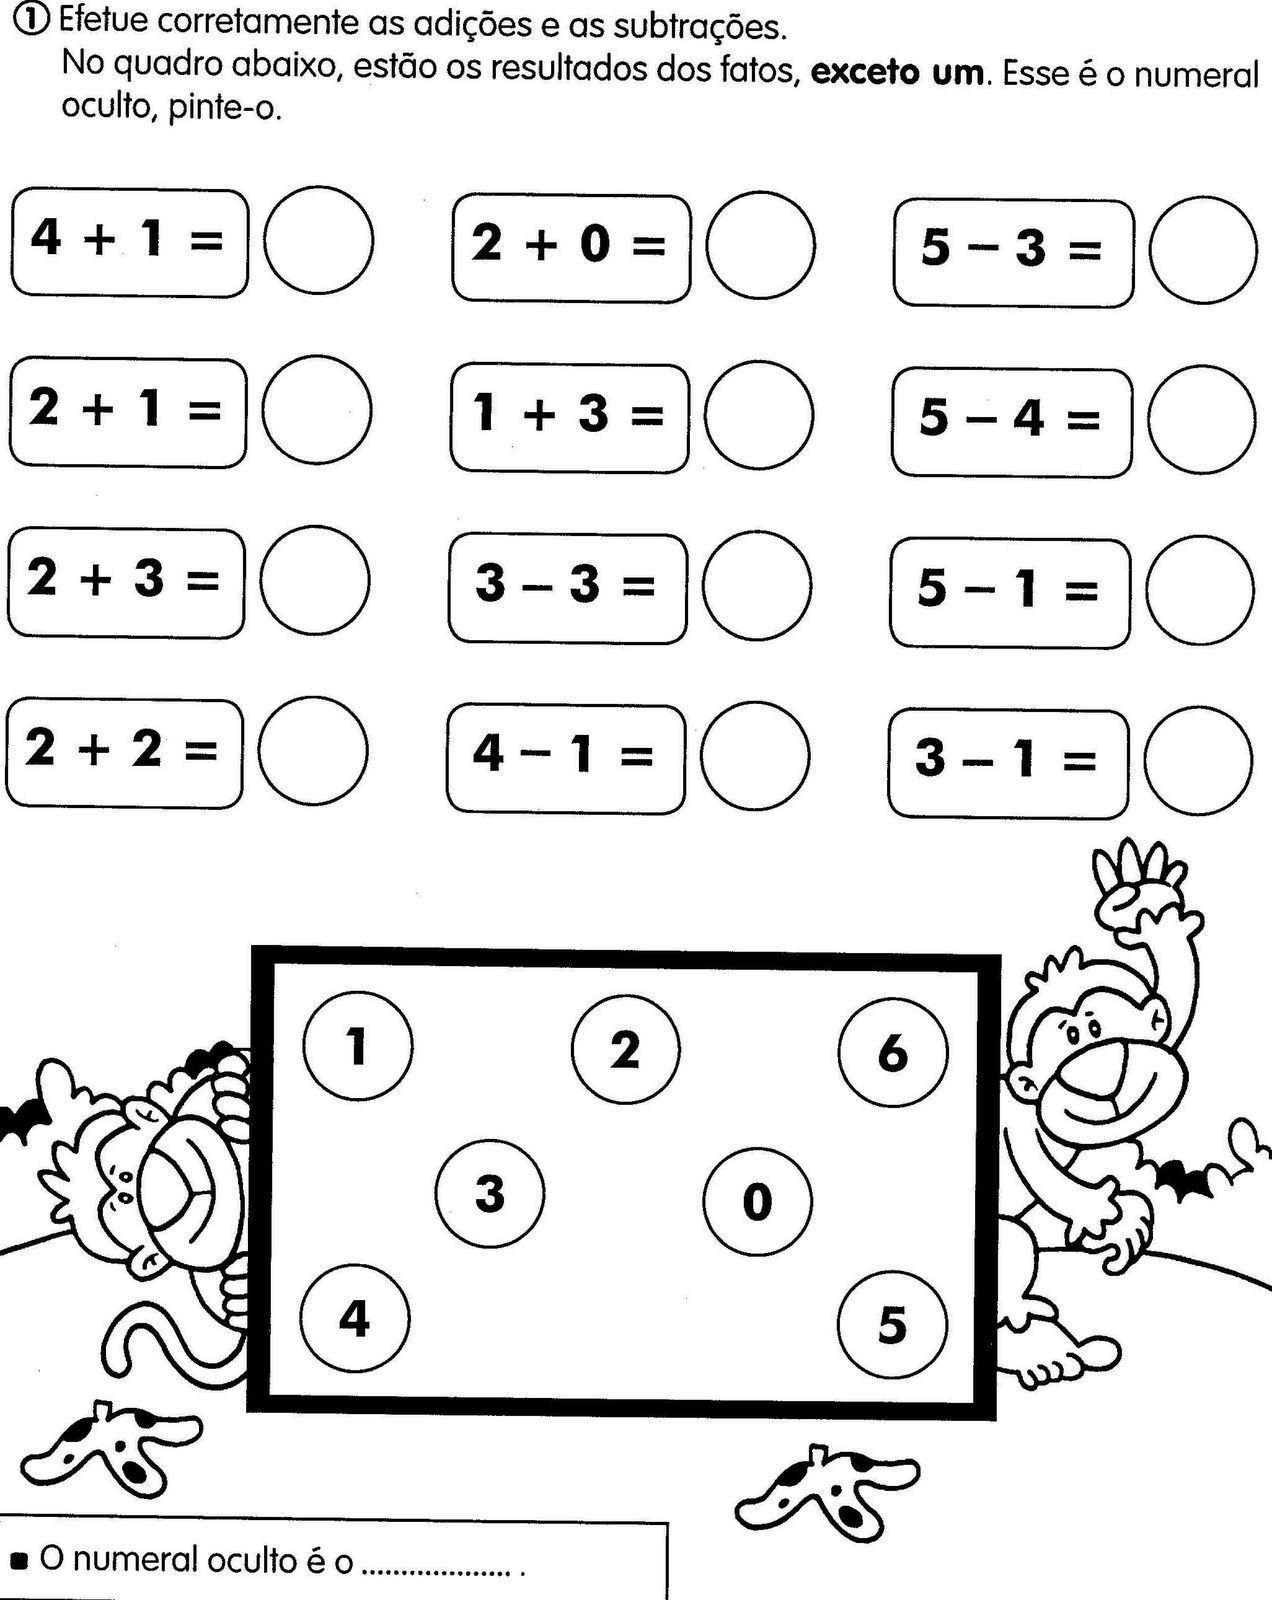 Cantinho da Educação: Atividade matematica 1º ANO